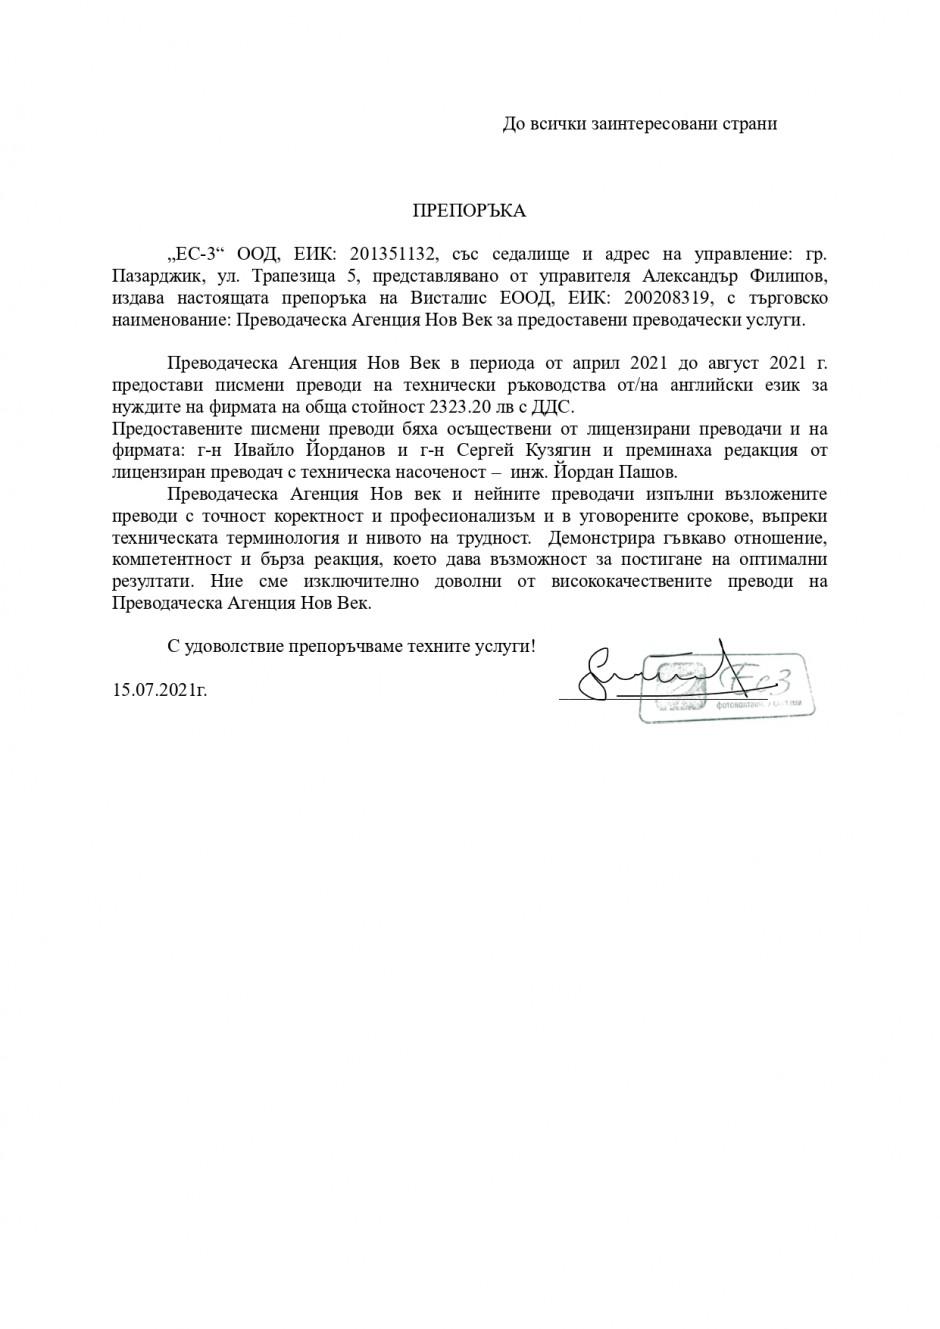 """Препоръка от фирма """"ЕС-3"""" ЕООД, гр. Пазарджик"""